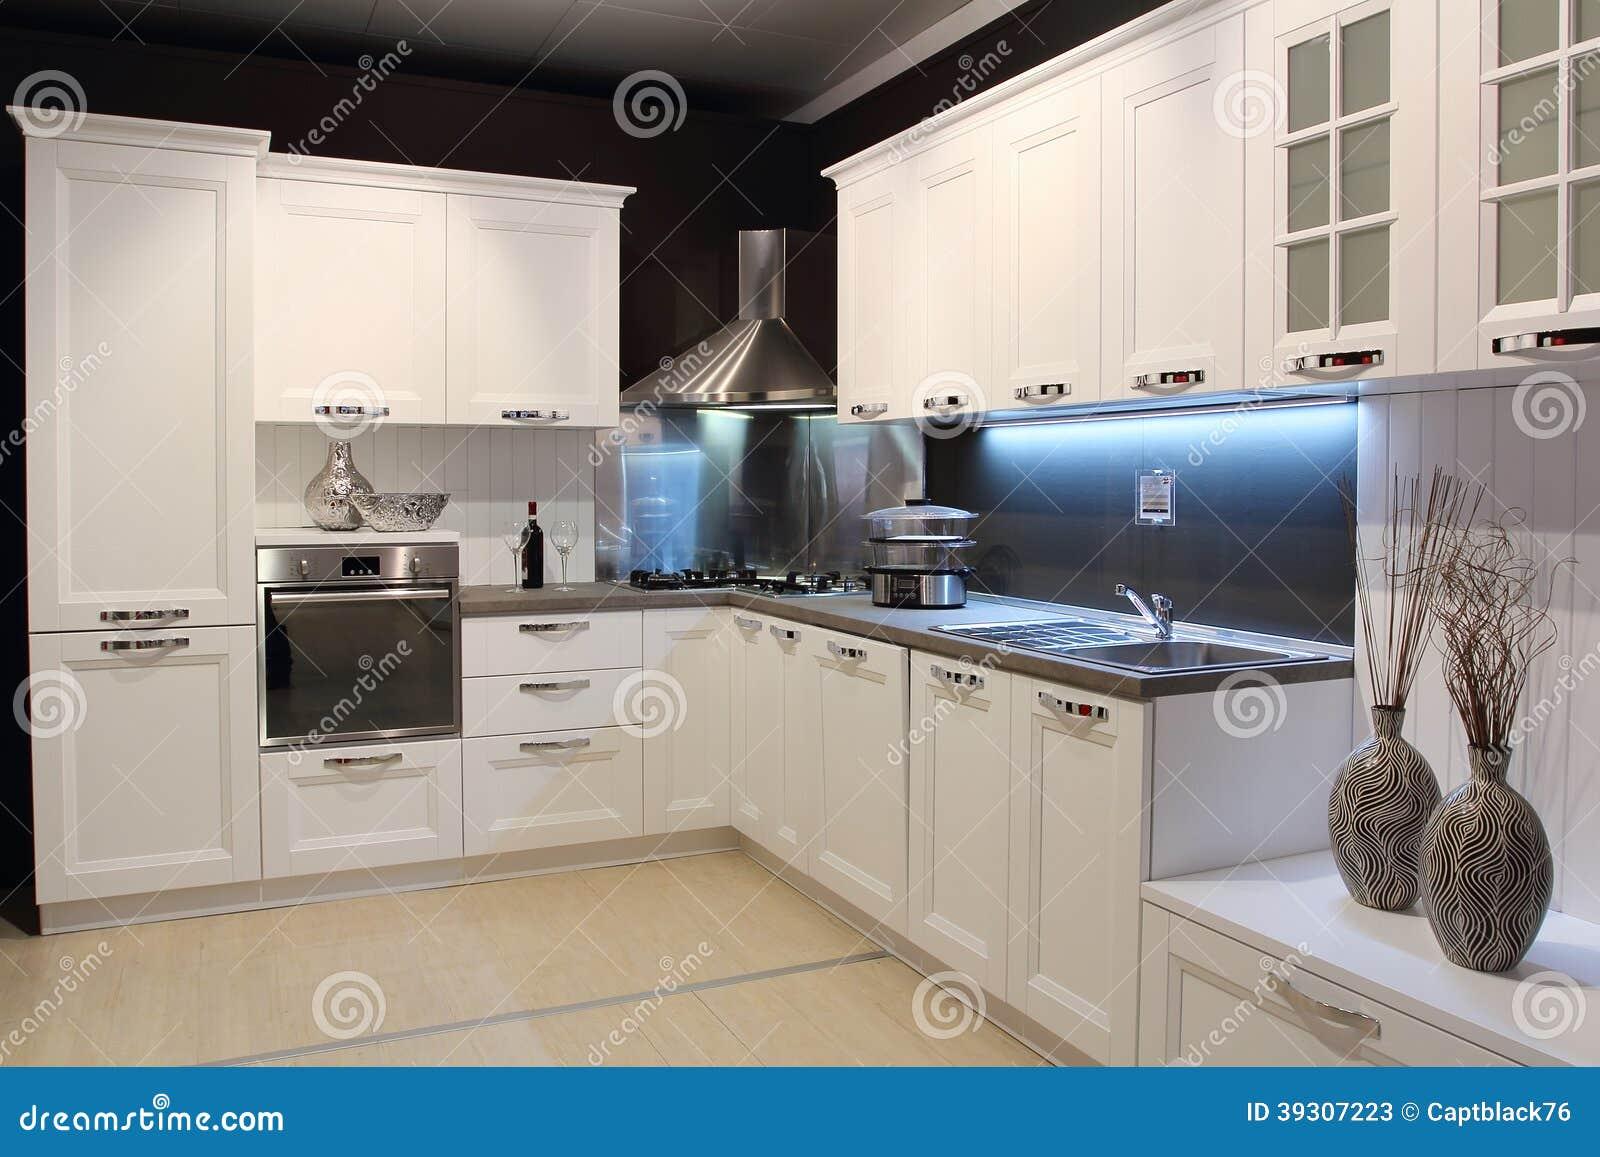 Groß Cremefarbenen Küchenschränke Fotos Galerie - Ideen Für Die ...